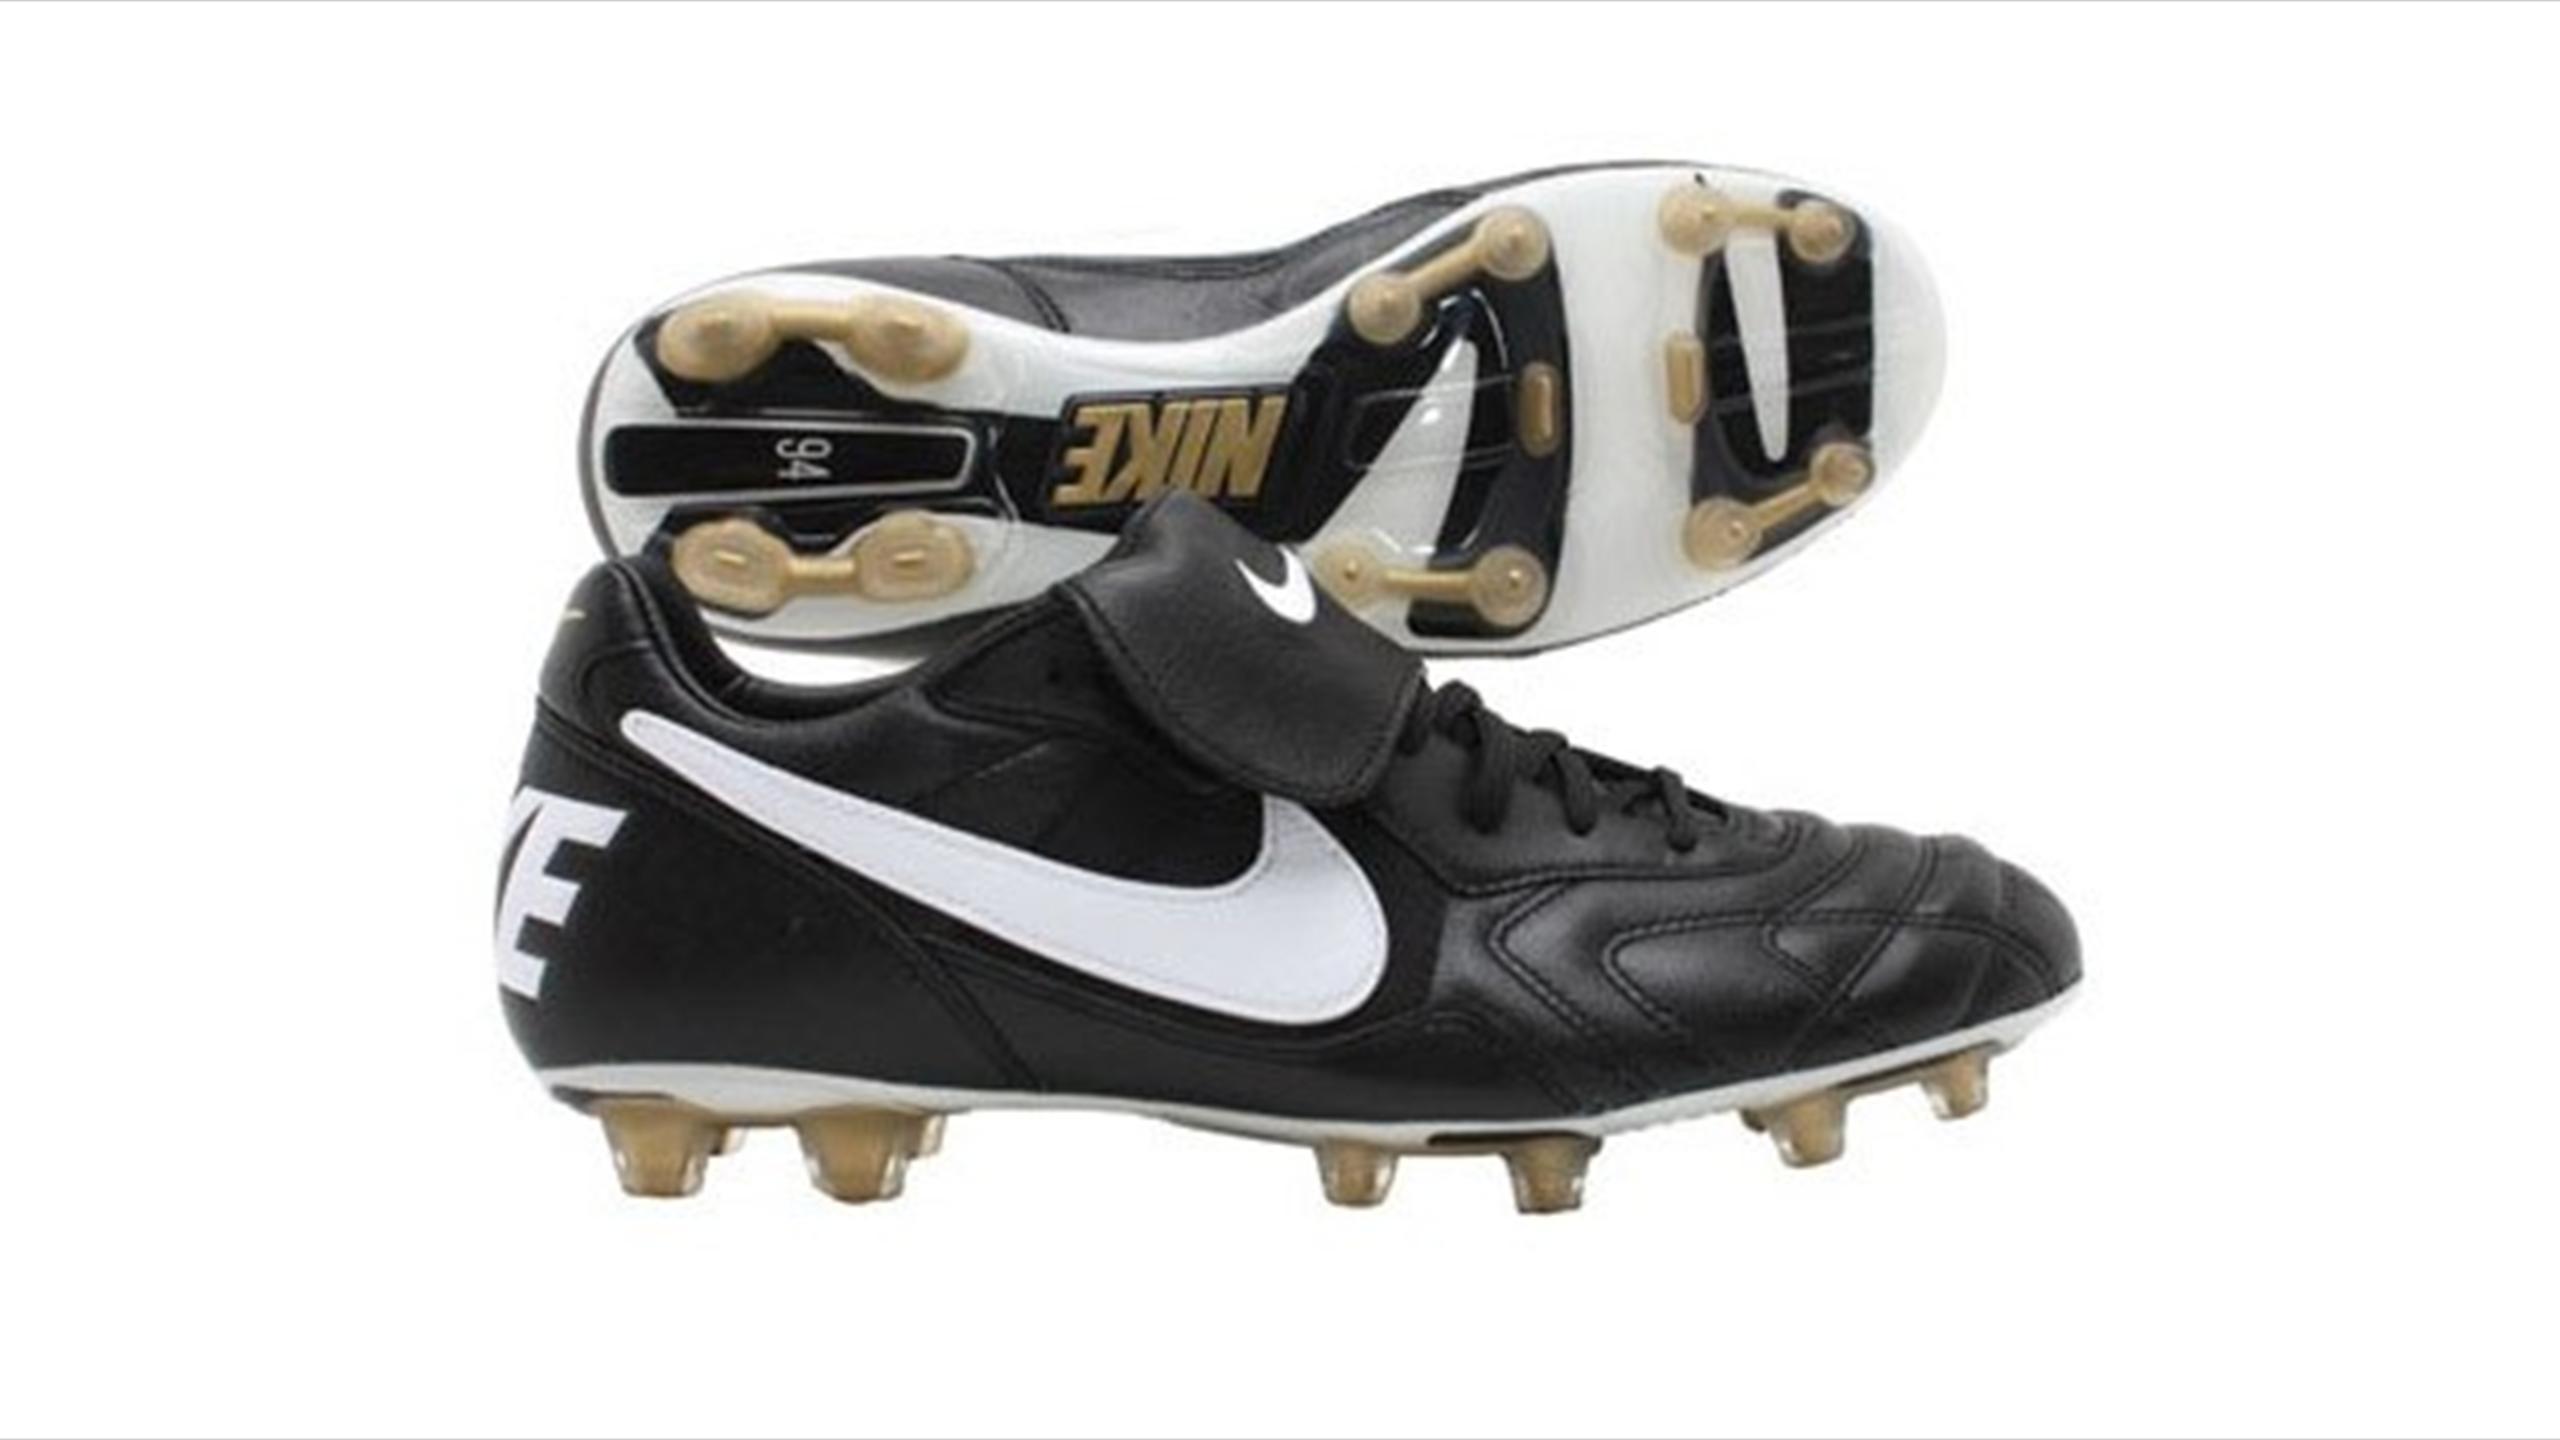 Nike Apa1ywqo De King Chaussure Adidas Predator Tiempo Elisez La Puma Pyvw0nOmN8